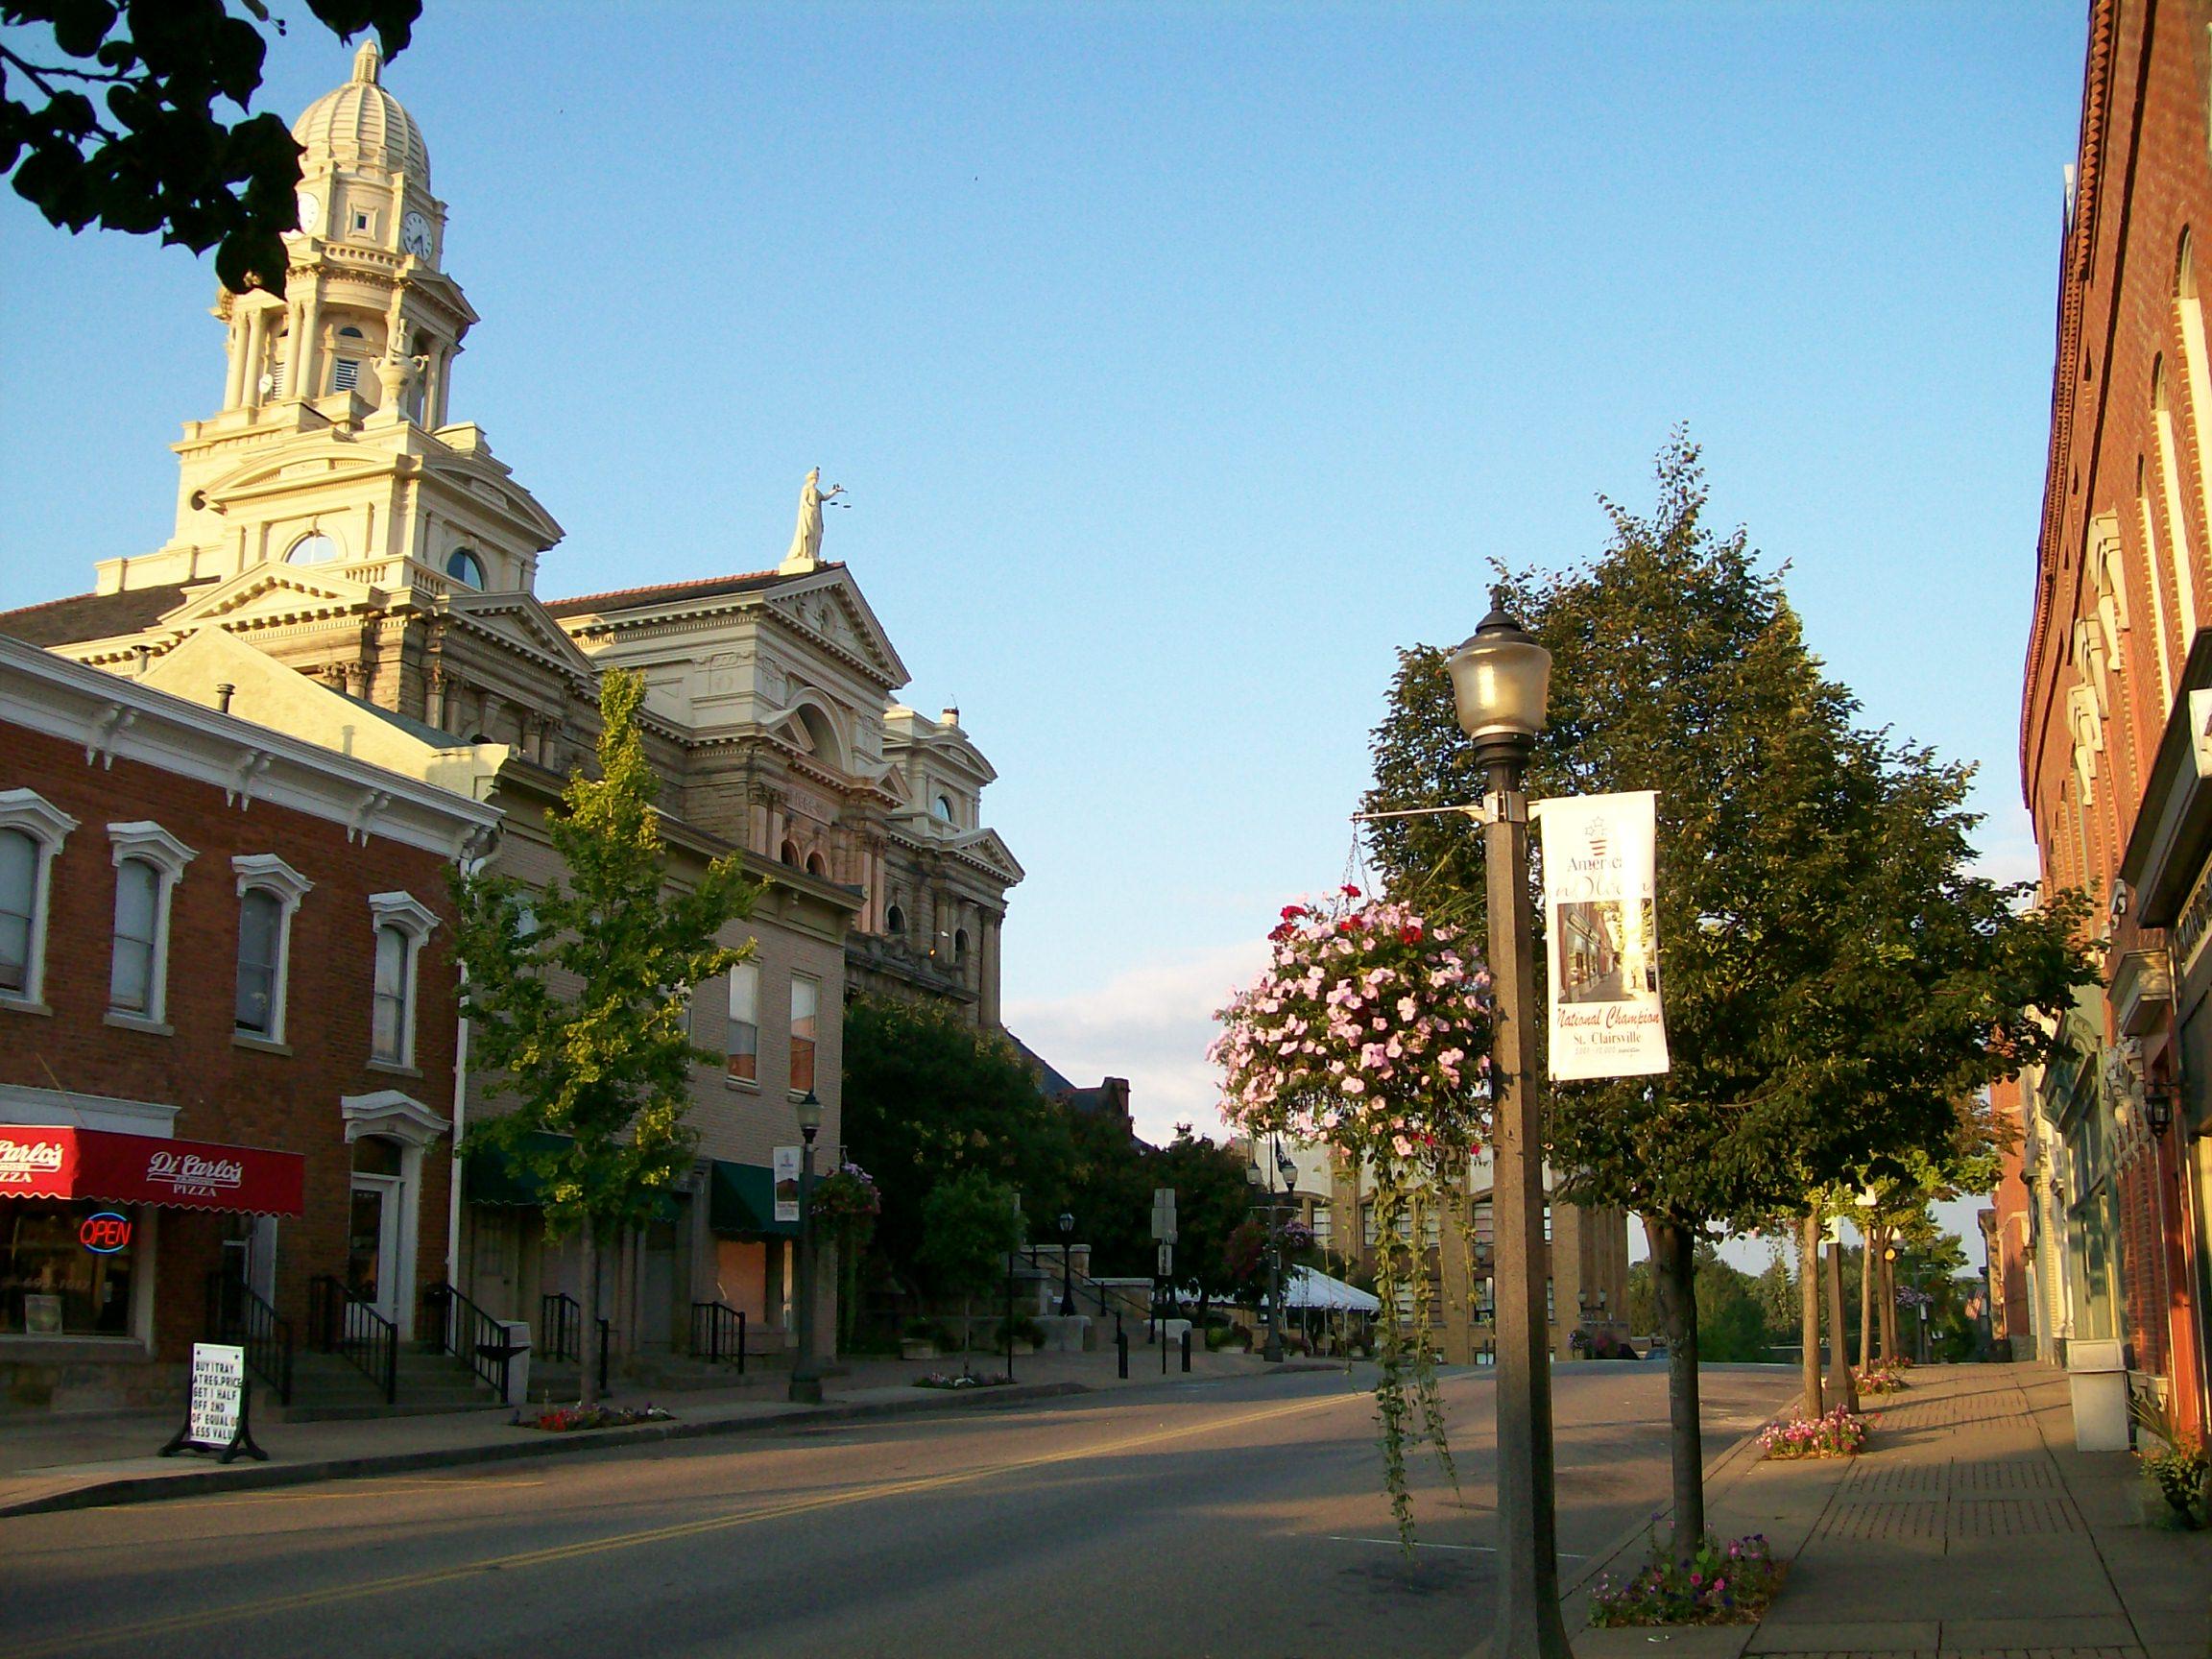 St. Clairsville (Ohio)